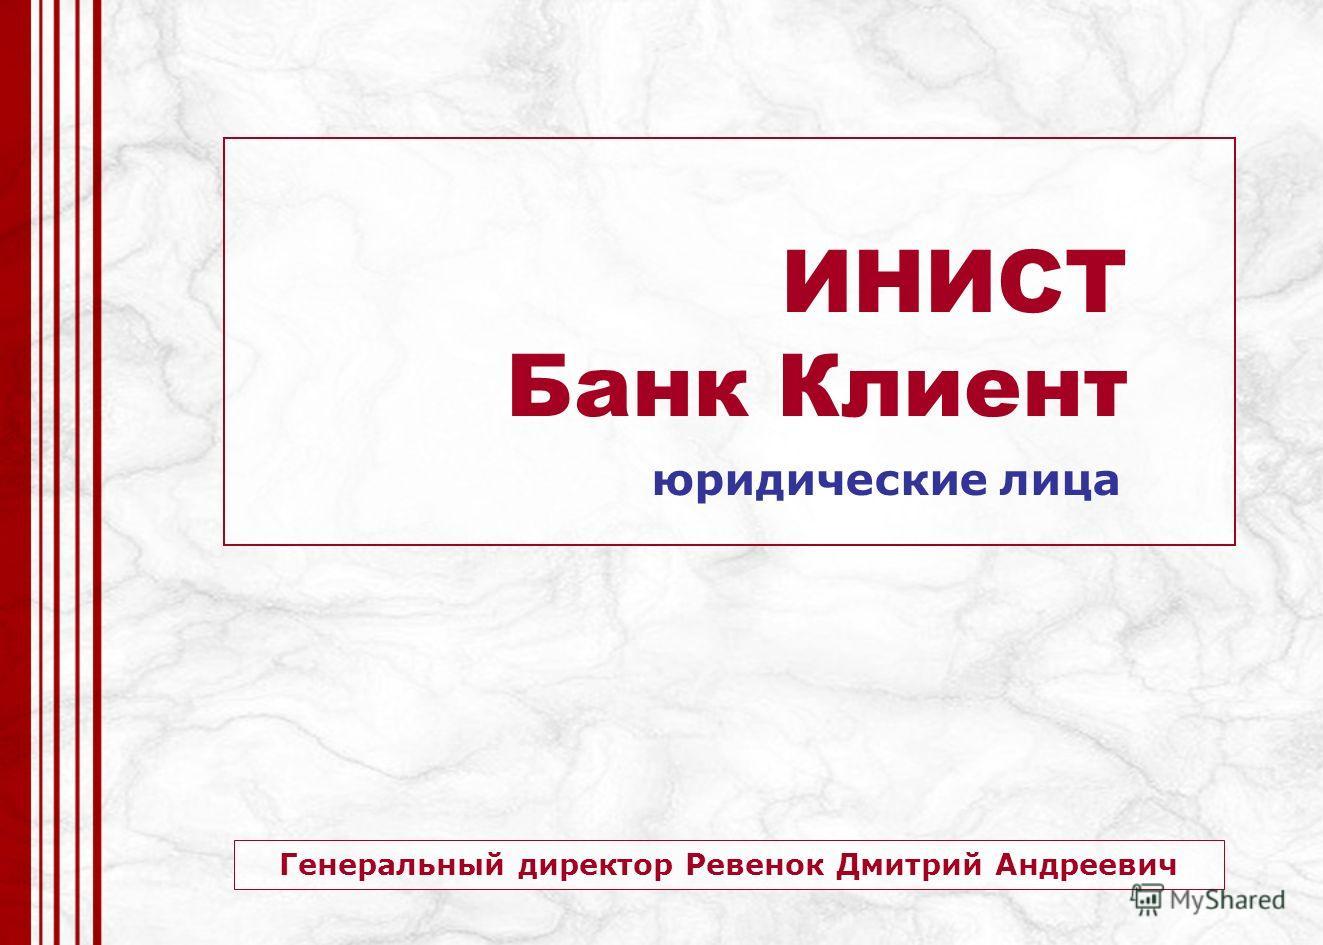 Генеральный директор Ревенок Дмитрий Андреевич ИНИСТ Банк Клиент юридические лица